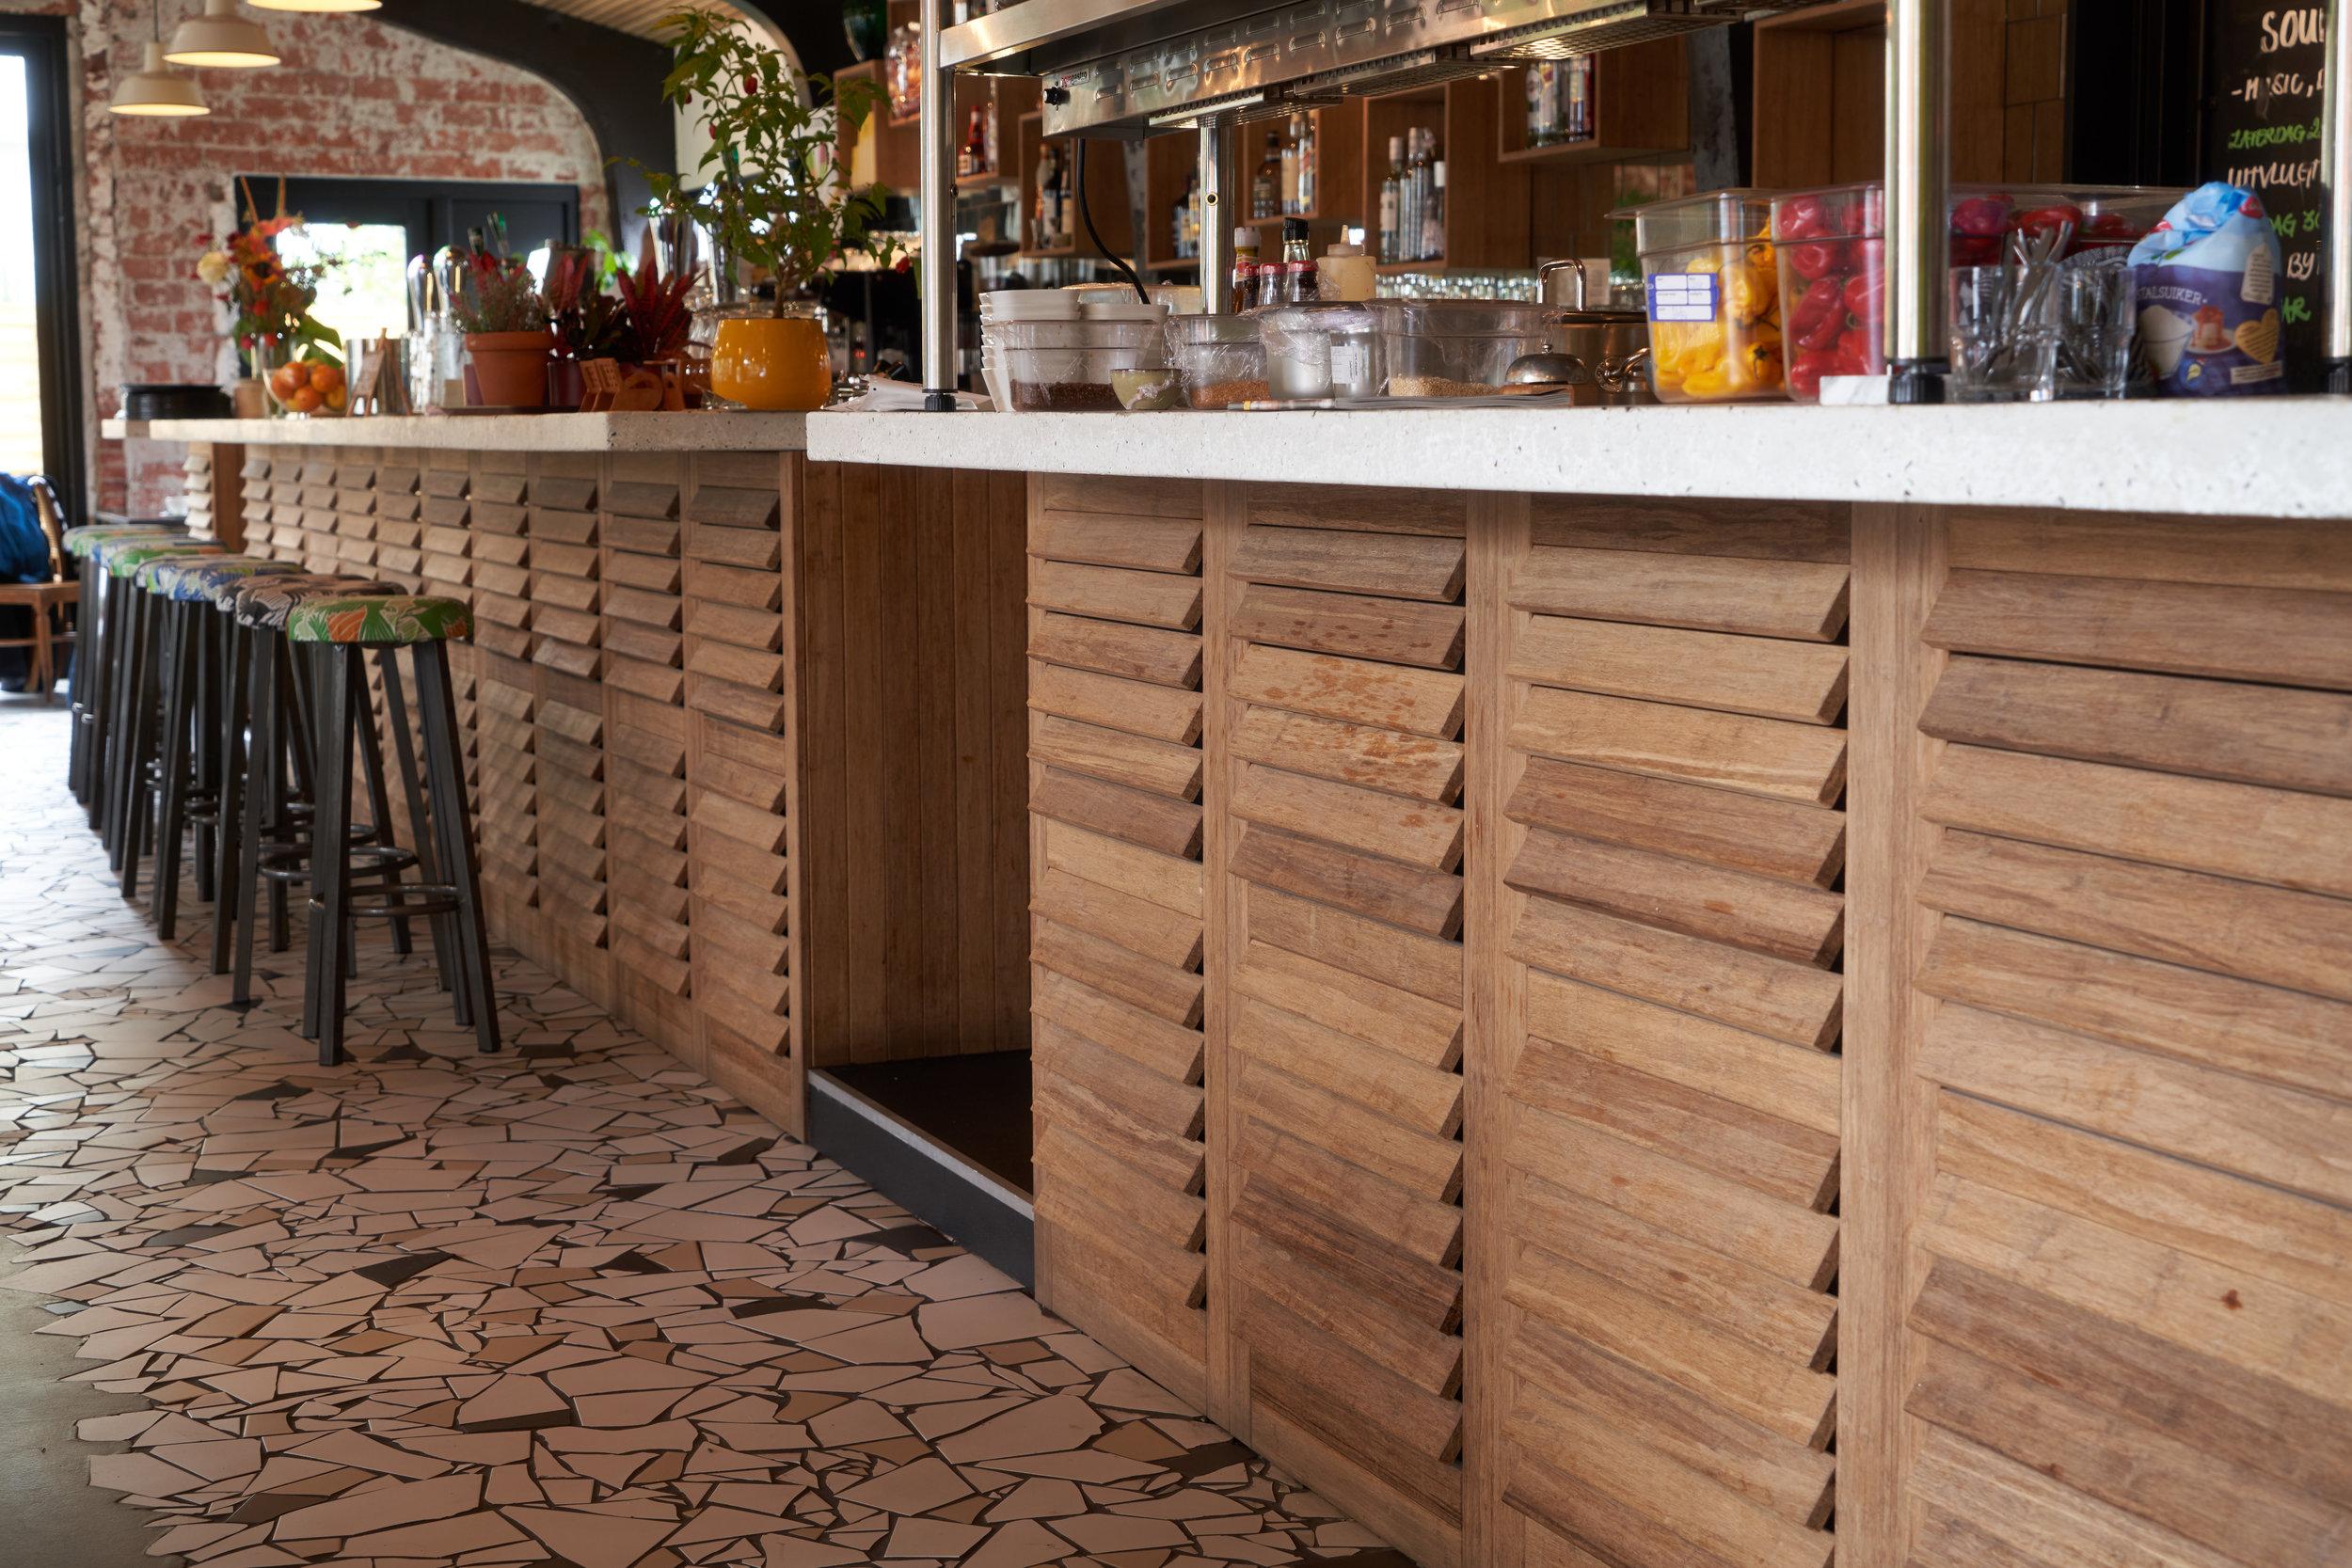 Bamboe panelen bar restaurant.jpg